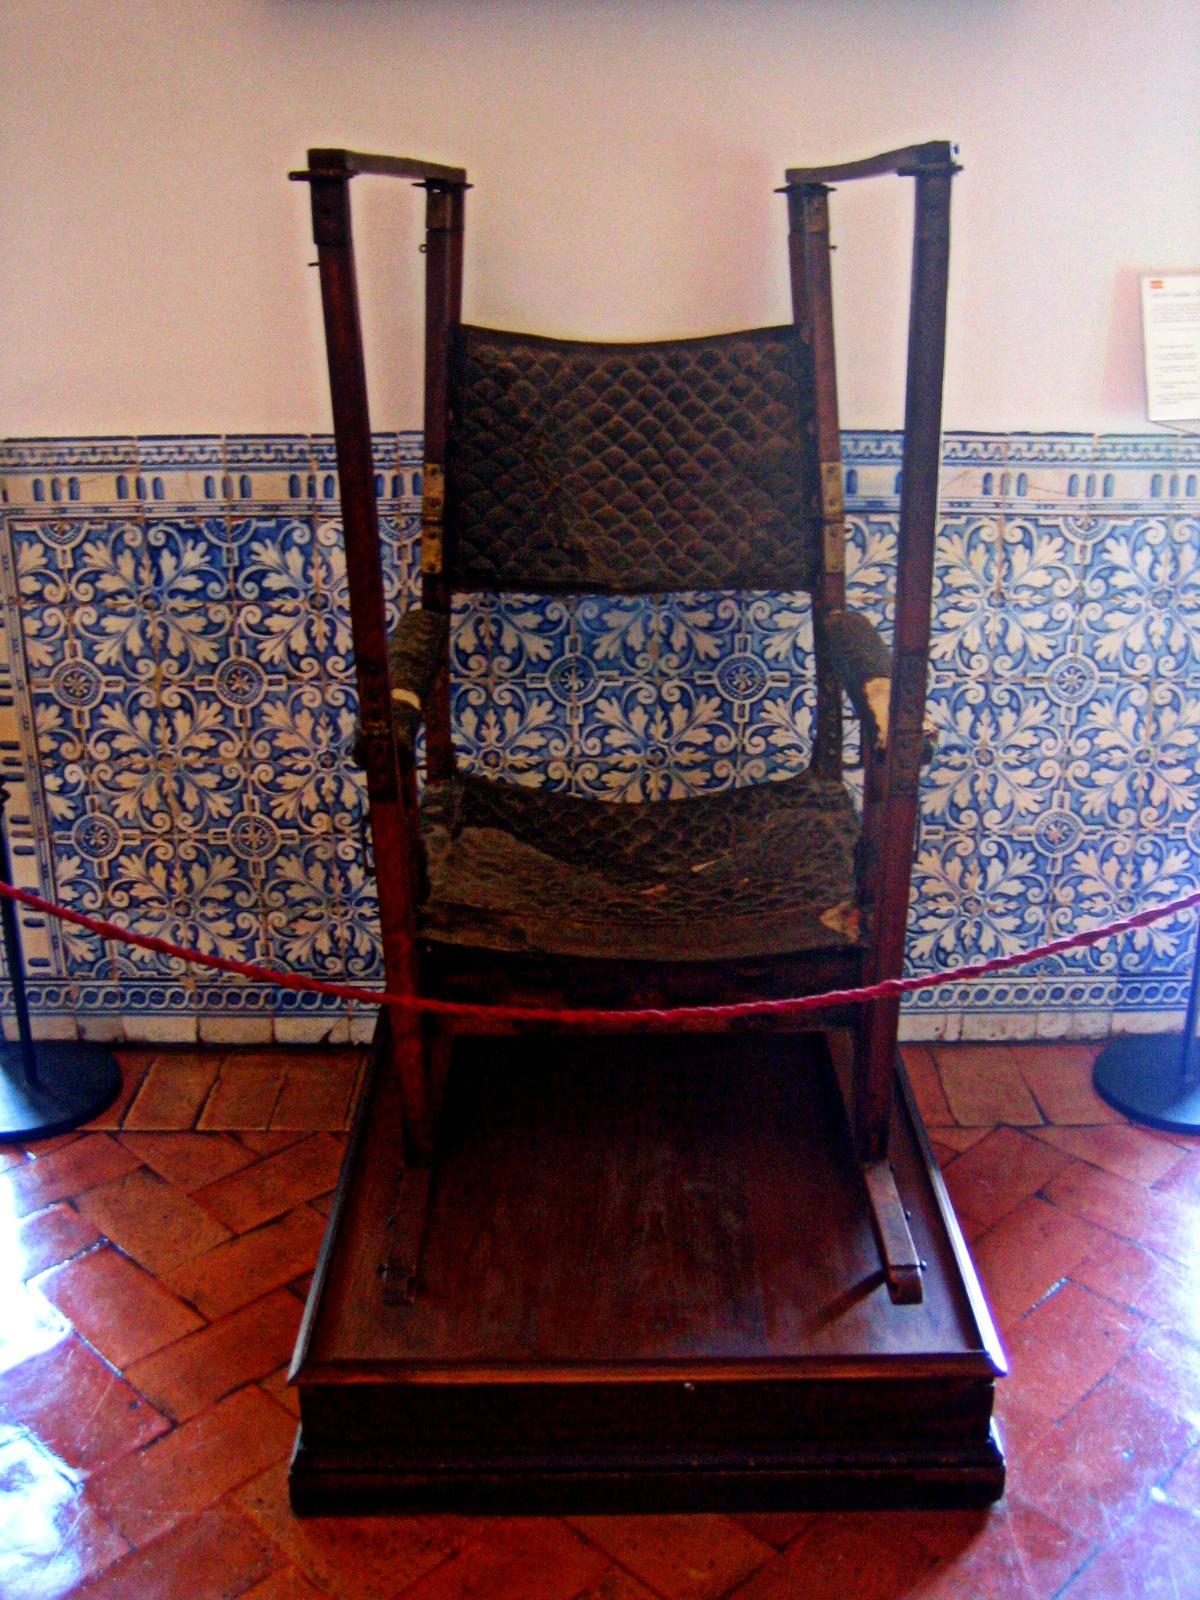 Las imgenes que yo veo Monasterio de El Escorial